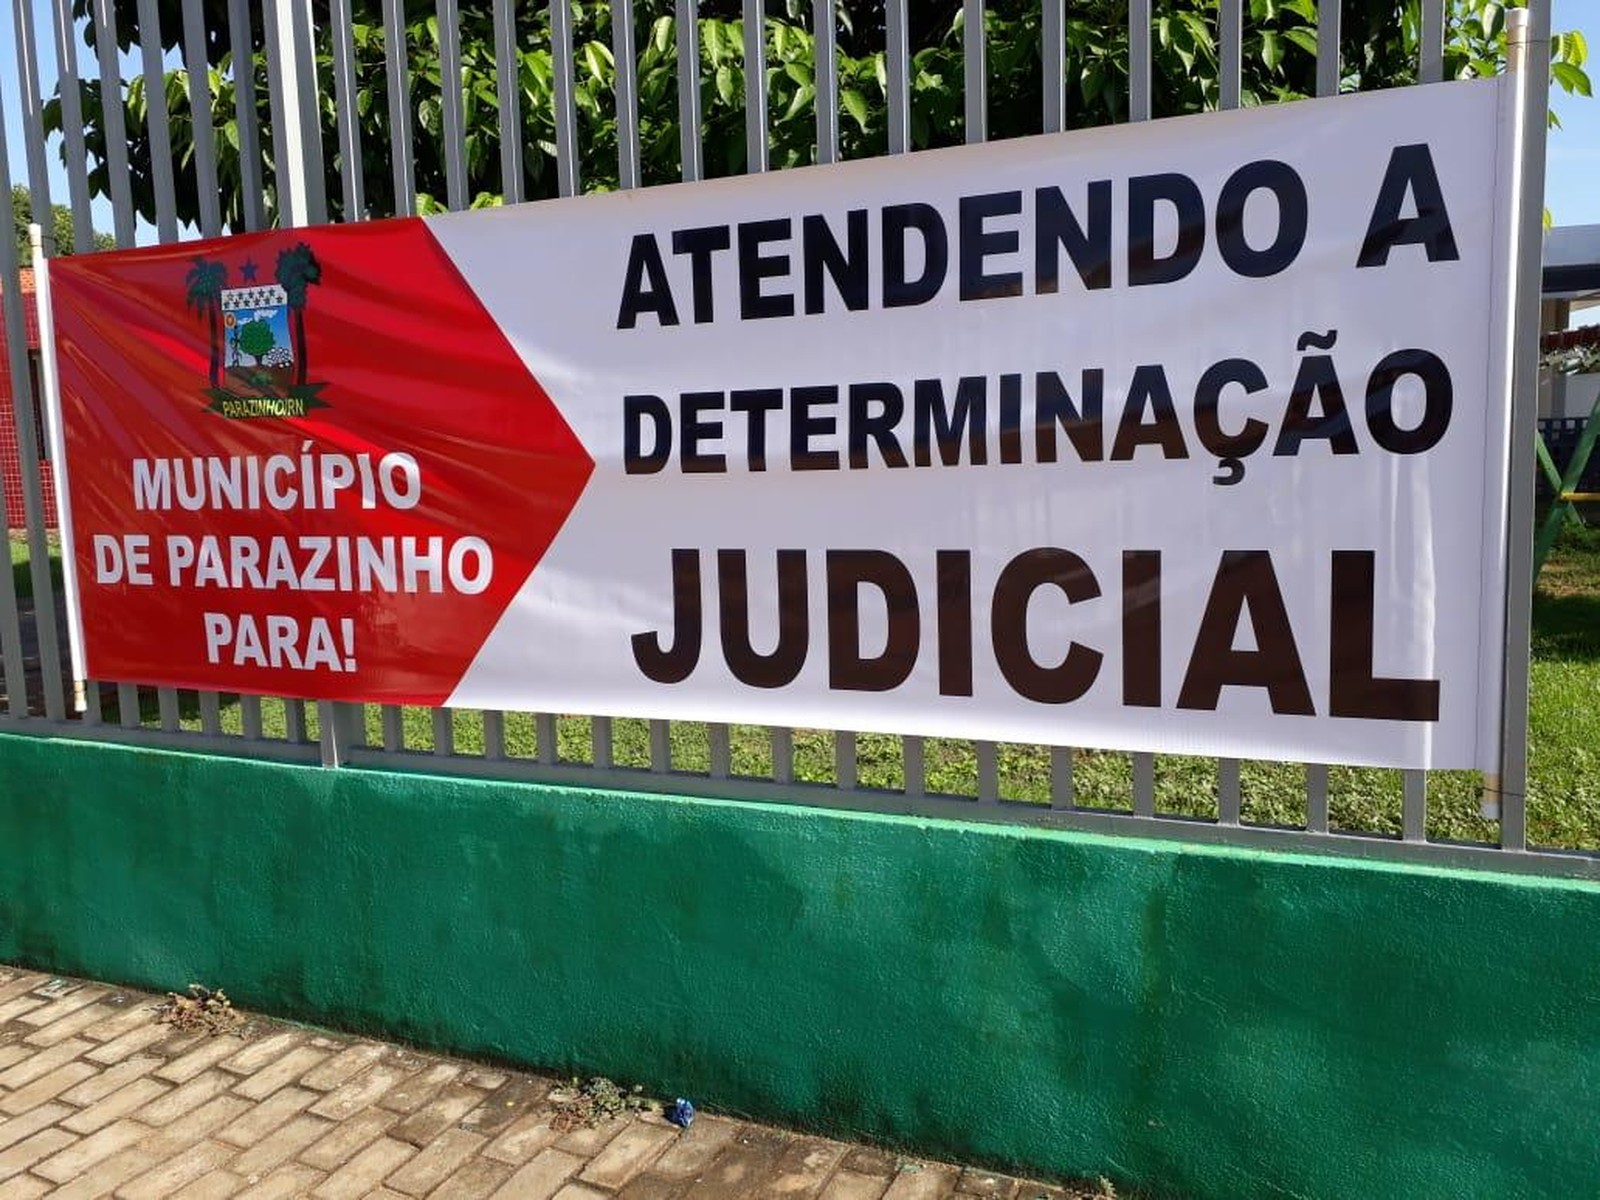 Parazinho: após demitir servidores temporários, prefeitura suspende serviços públicos